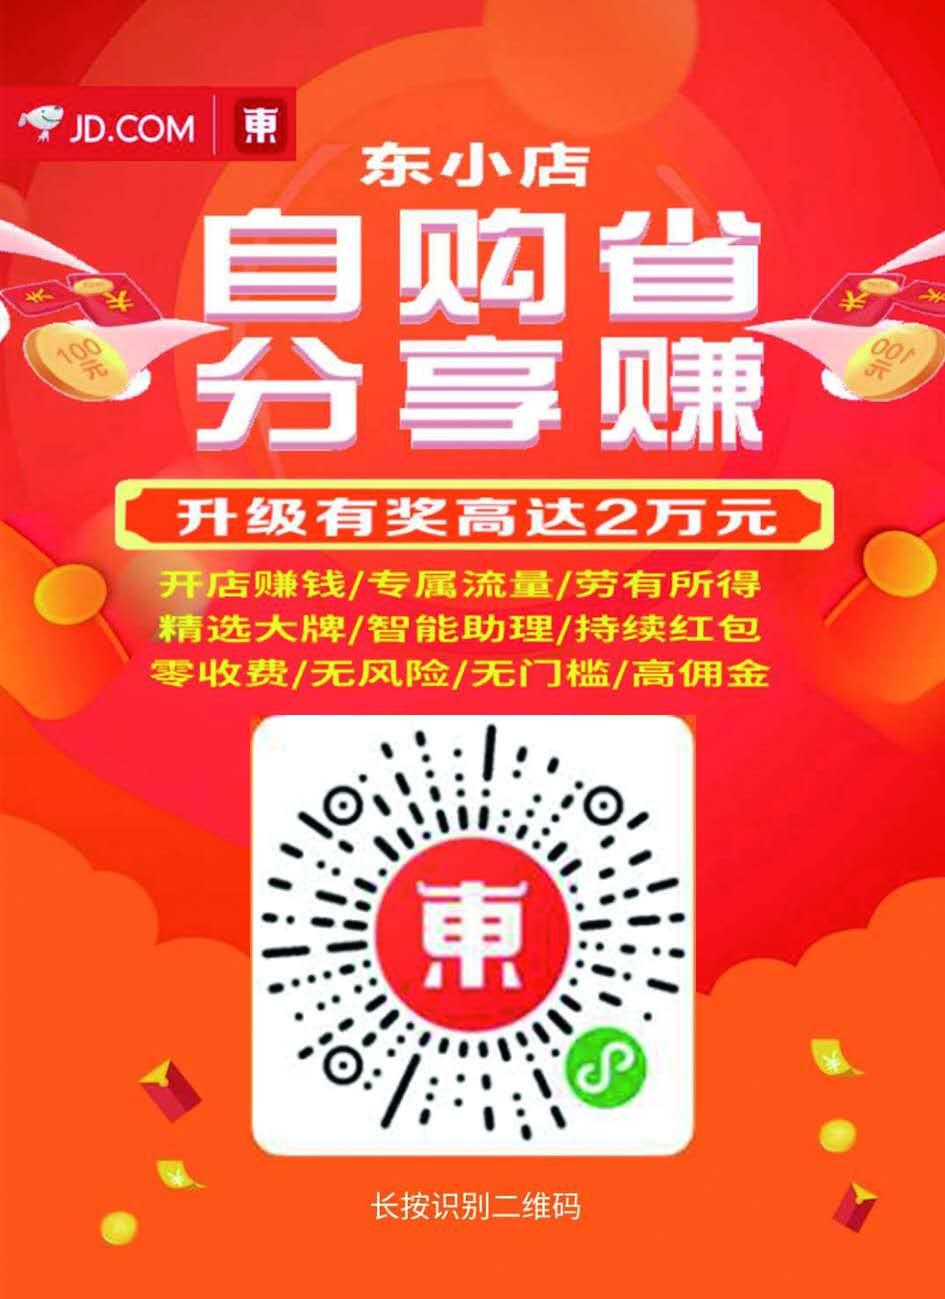 分享赚钱淘小铺官网_好省服务项目合作招合伙人-南京平头金计算机有限公司